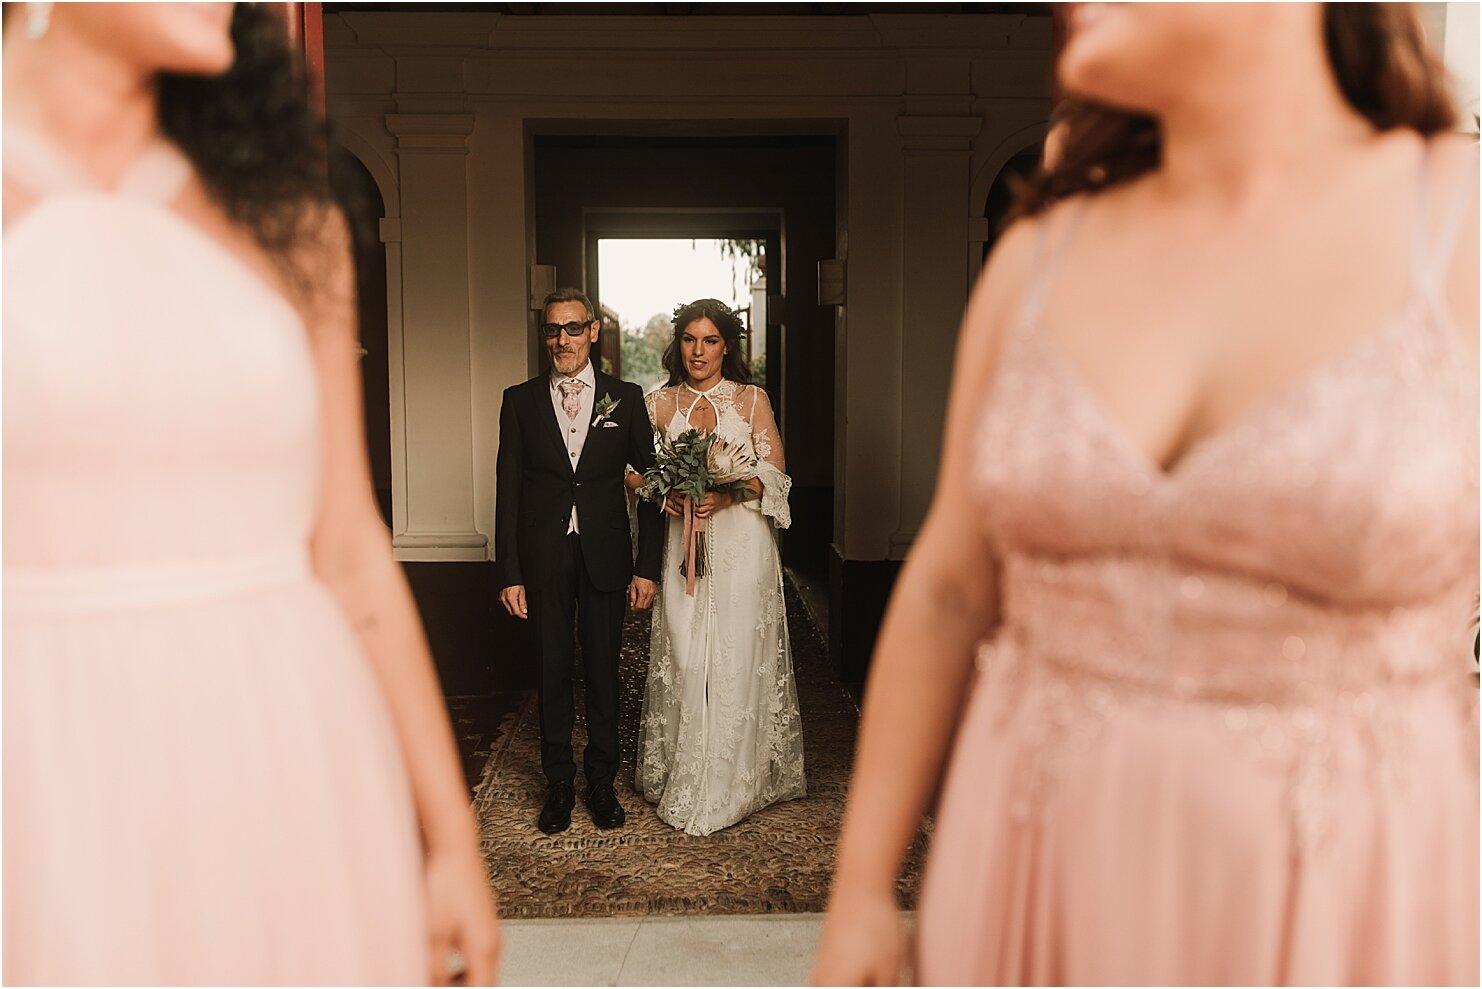 boda-romantica-boda-boho-vestido-de-novia-laura-lomas11.jpg